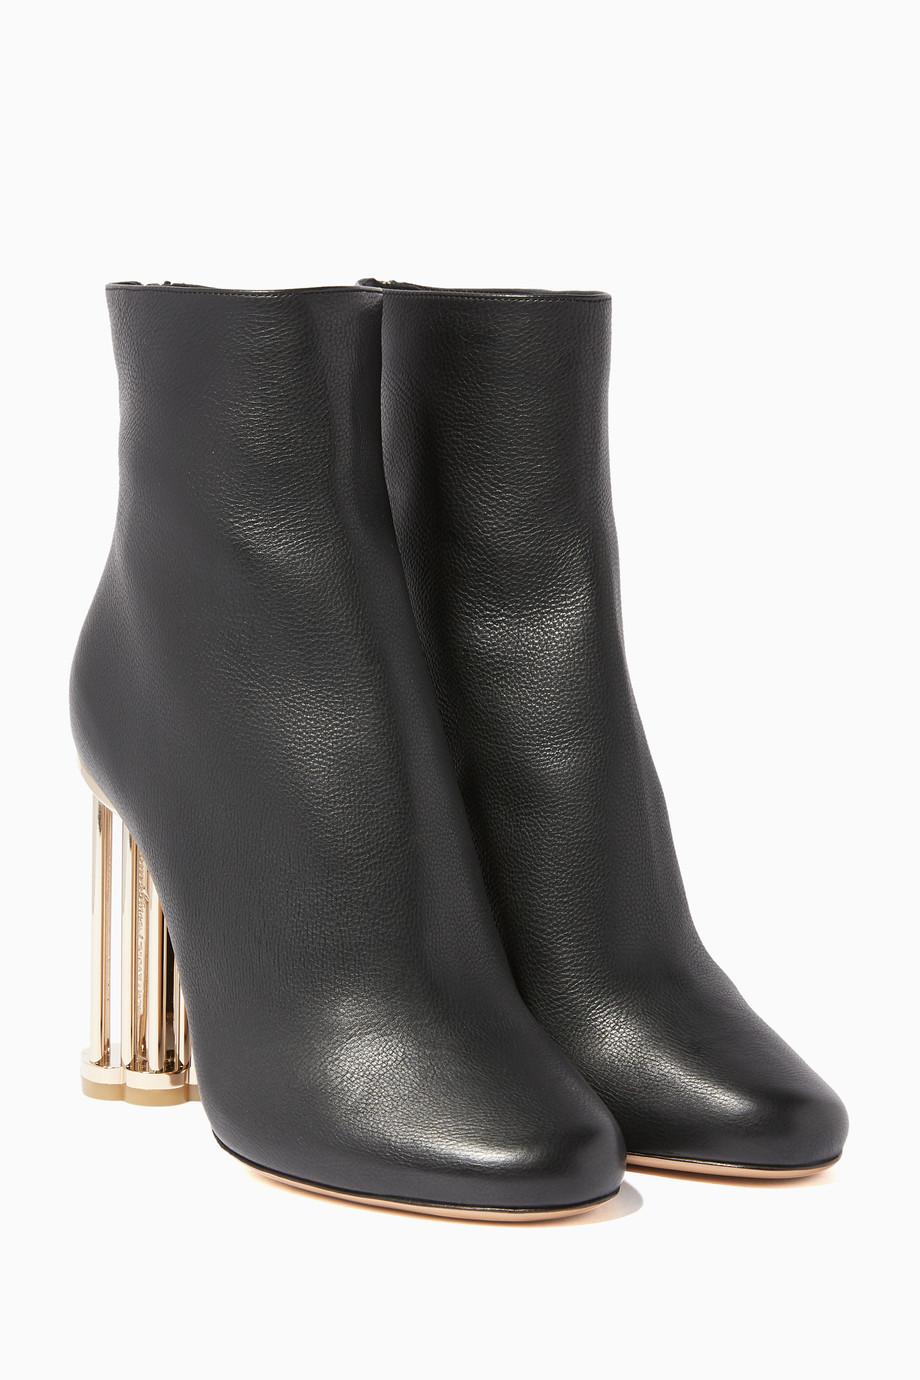 c06e8d89cf68 Shop Salvatore Ferragamo Black Black Flower-Heel Coriano Booties for ...